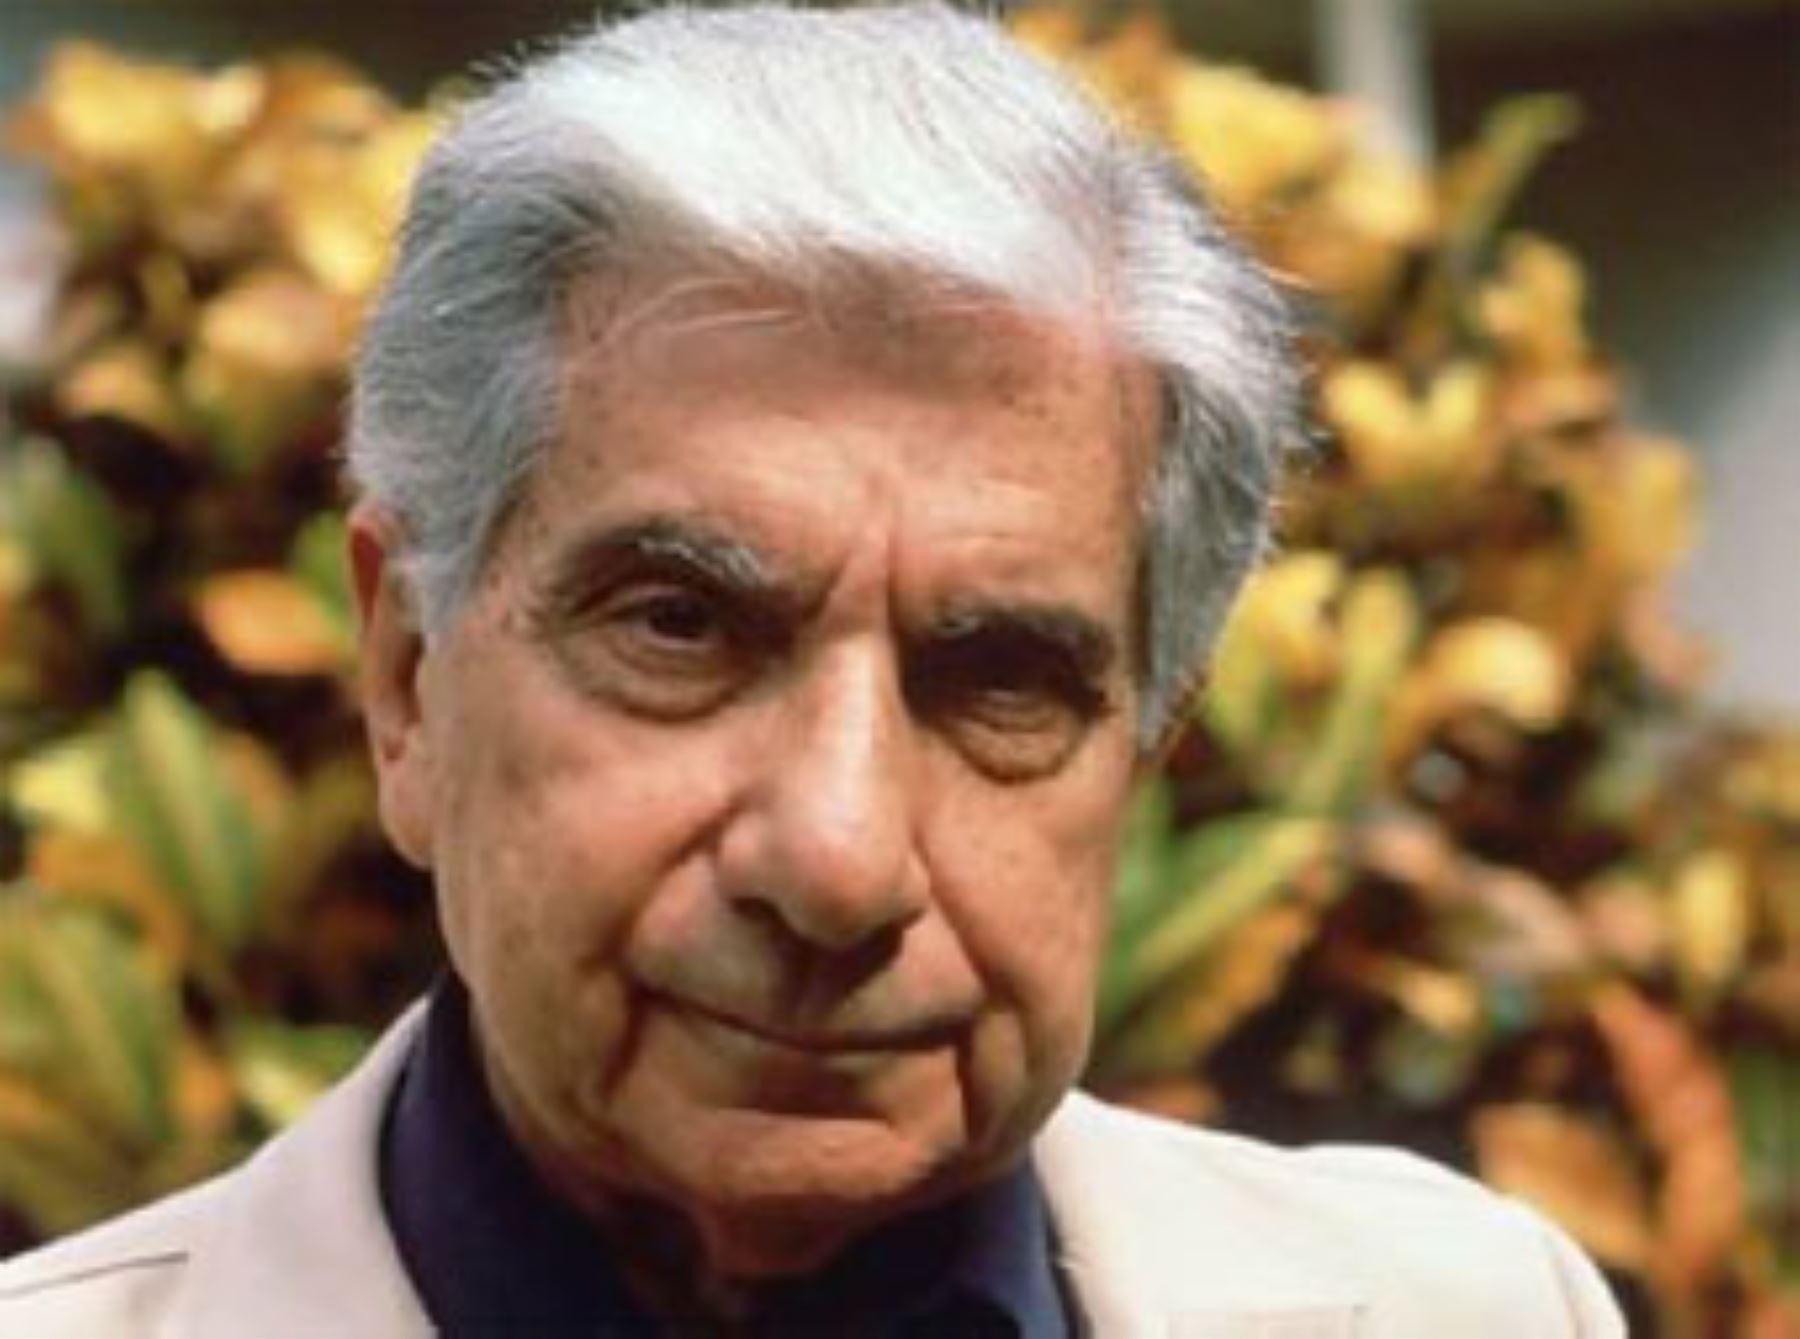 Poeta y escritor Augusto Roa Bastos. Internet/medios